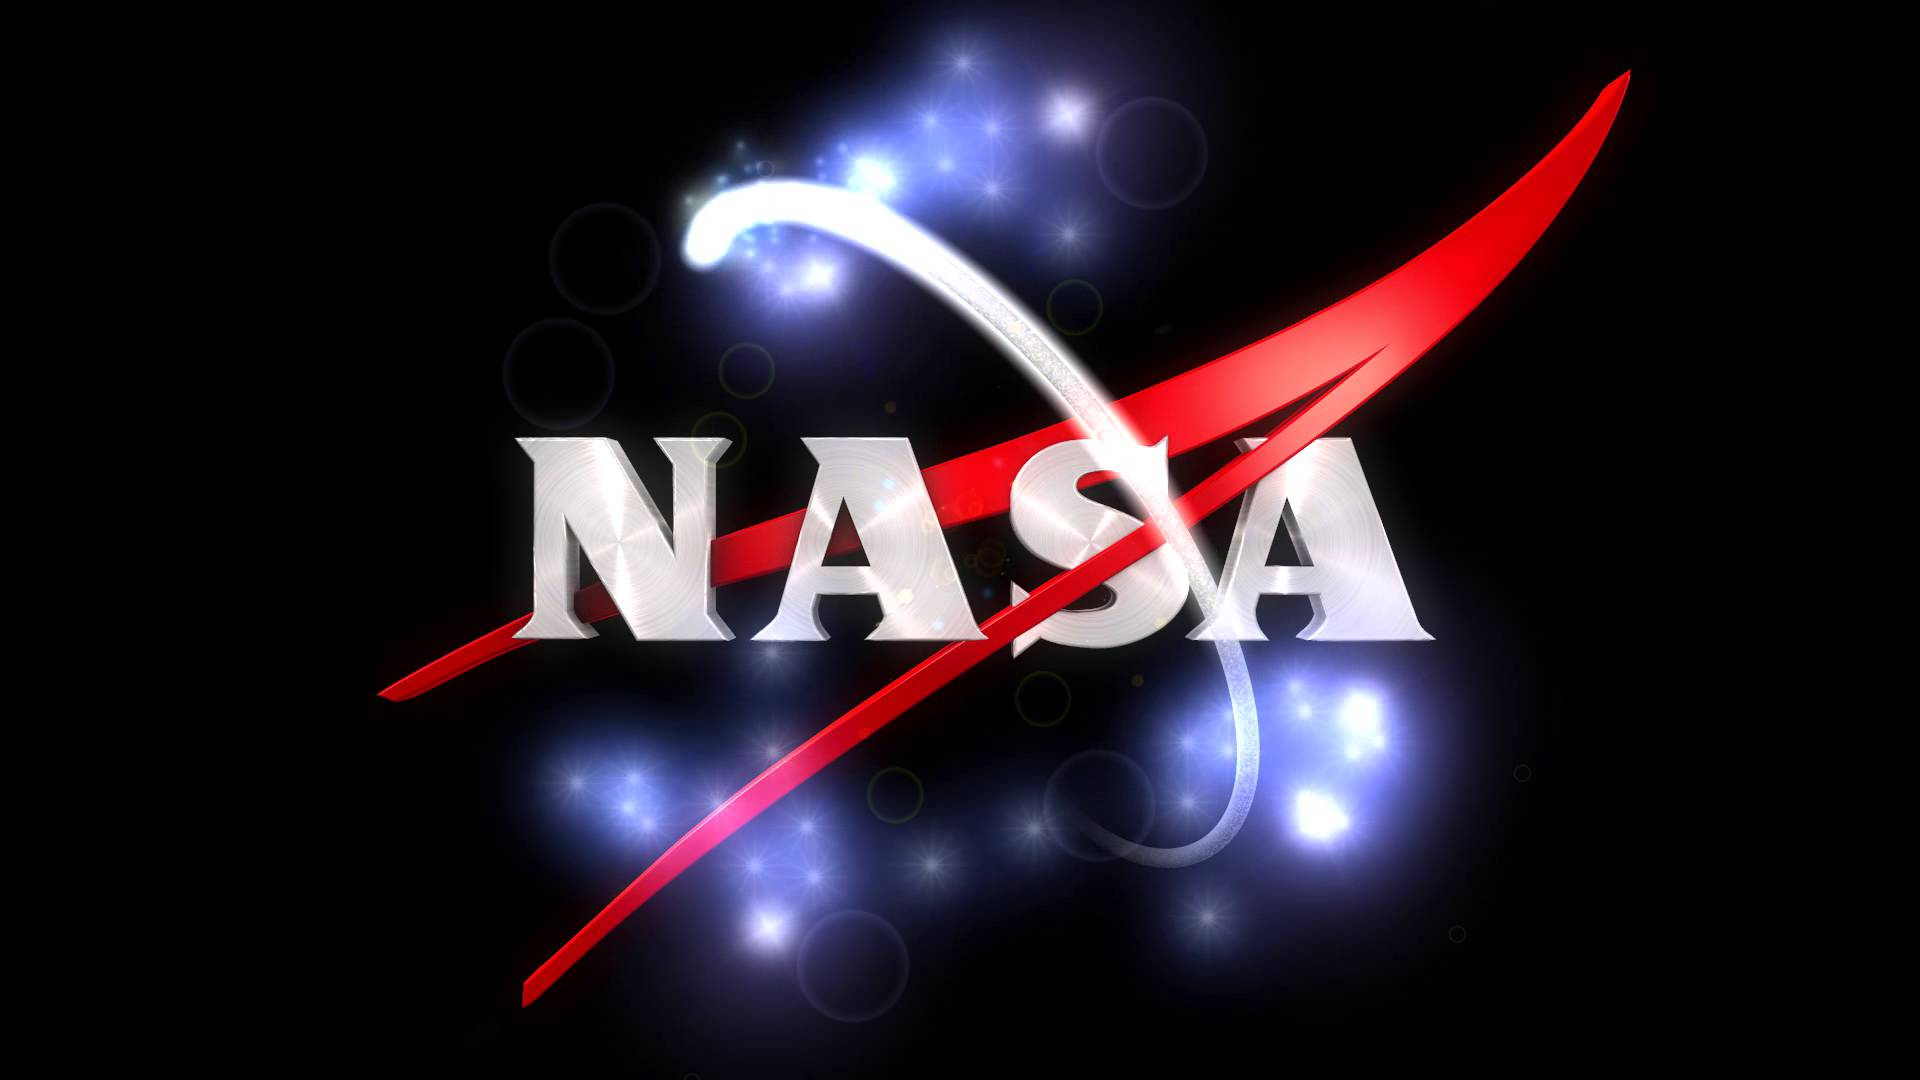 Nasa Logo Wallpaper images 1920x1080